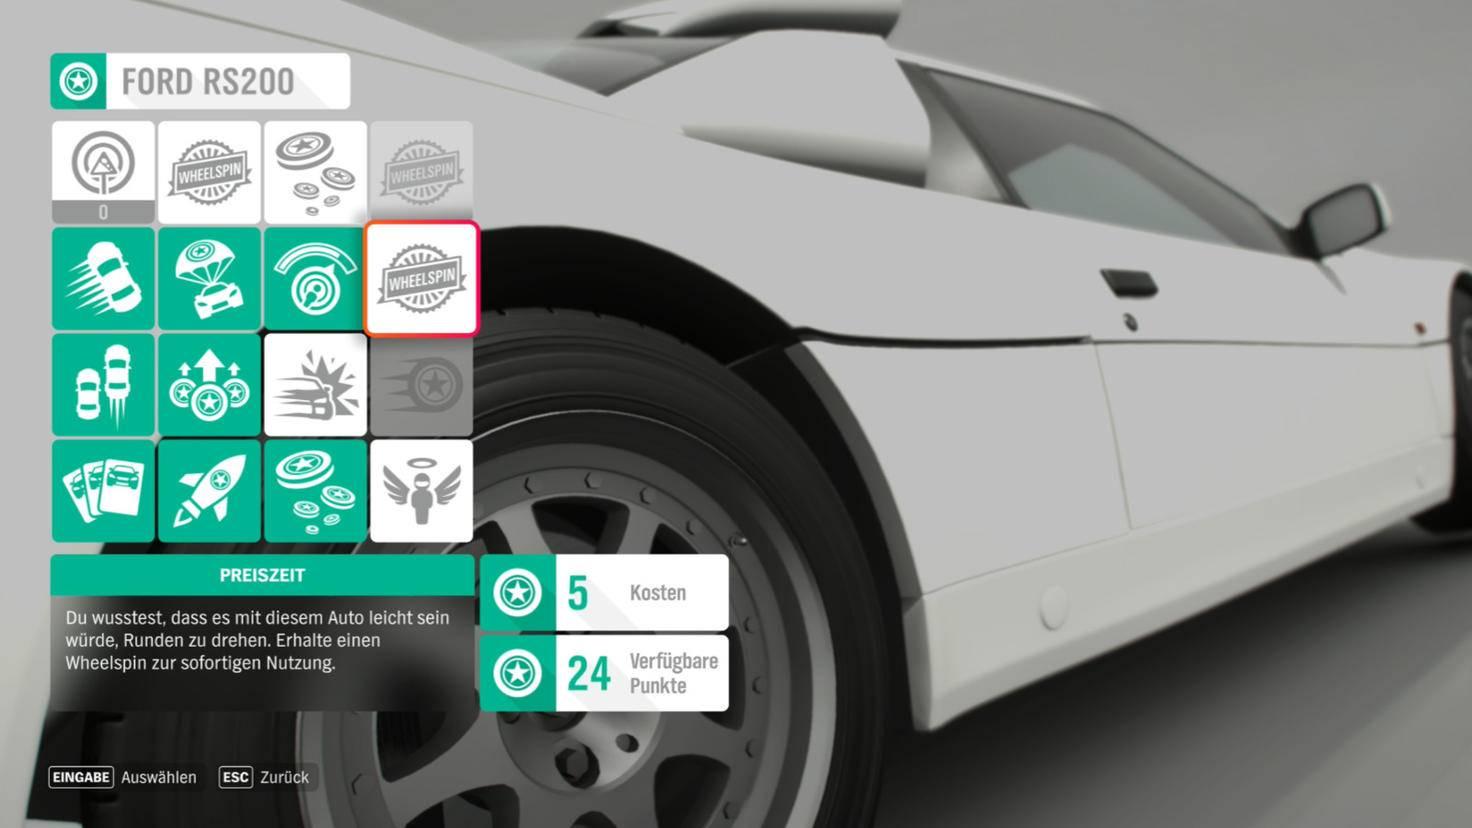 Chaque voiture a des compétences que vous pouvez débloquer avec des points de compétence.  Certains valent de l'argent réel (avec un peu de chance dans la roue de la fortune).